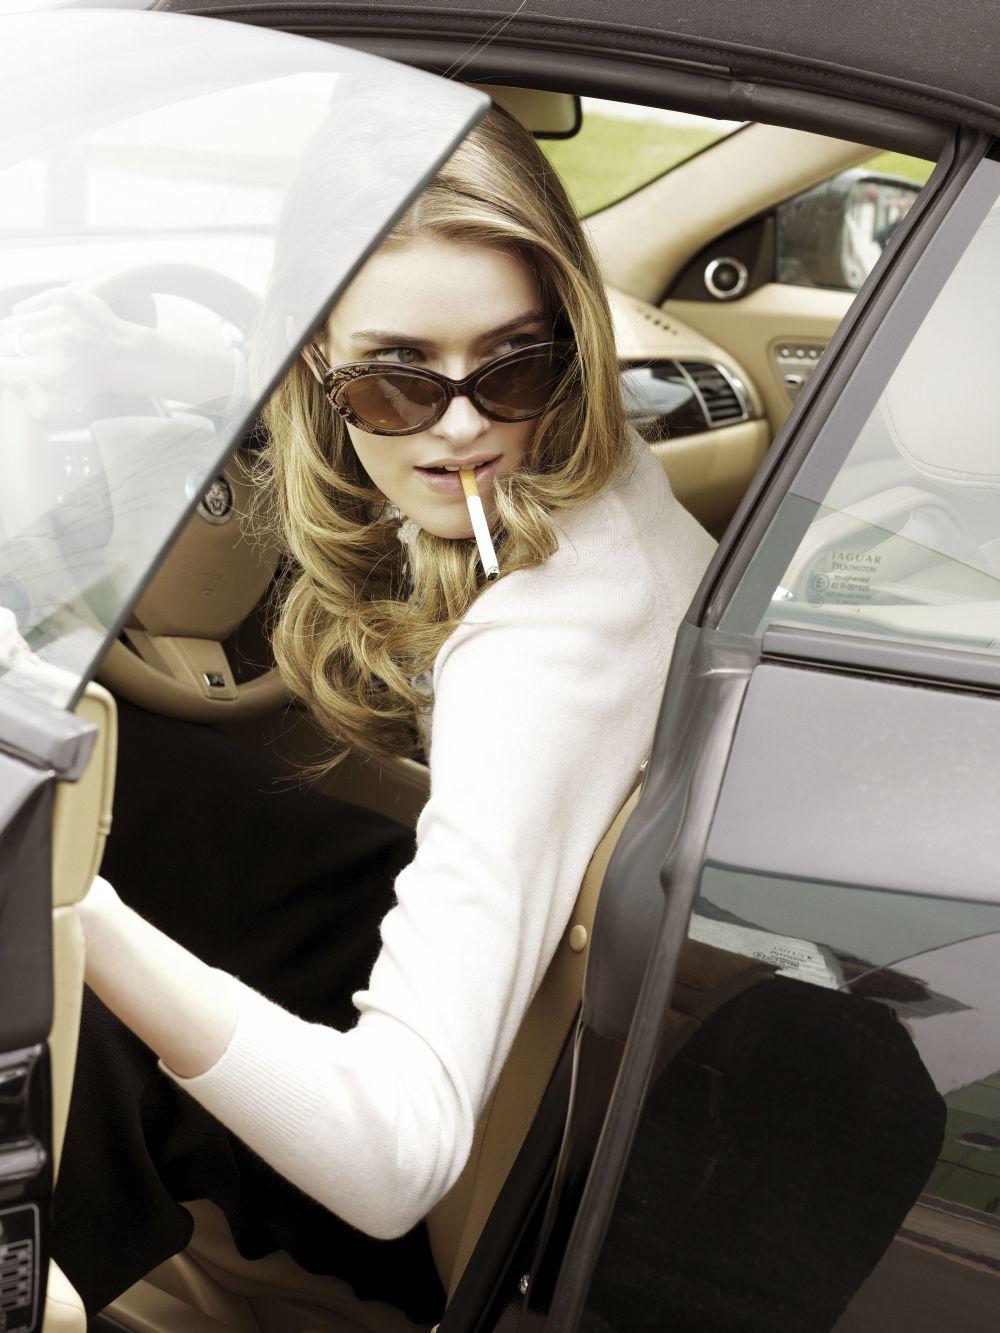 Fumar aumenta algunos de los riesgos de los anticonceptivos.